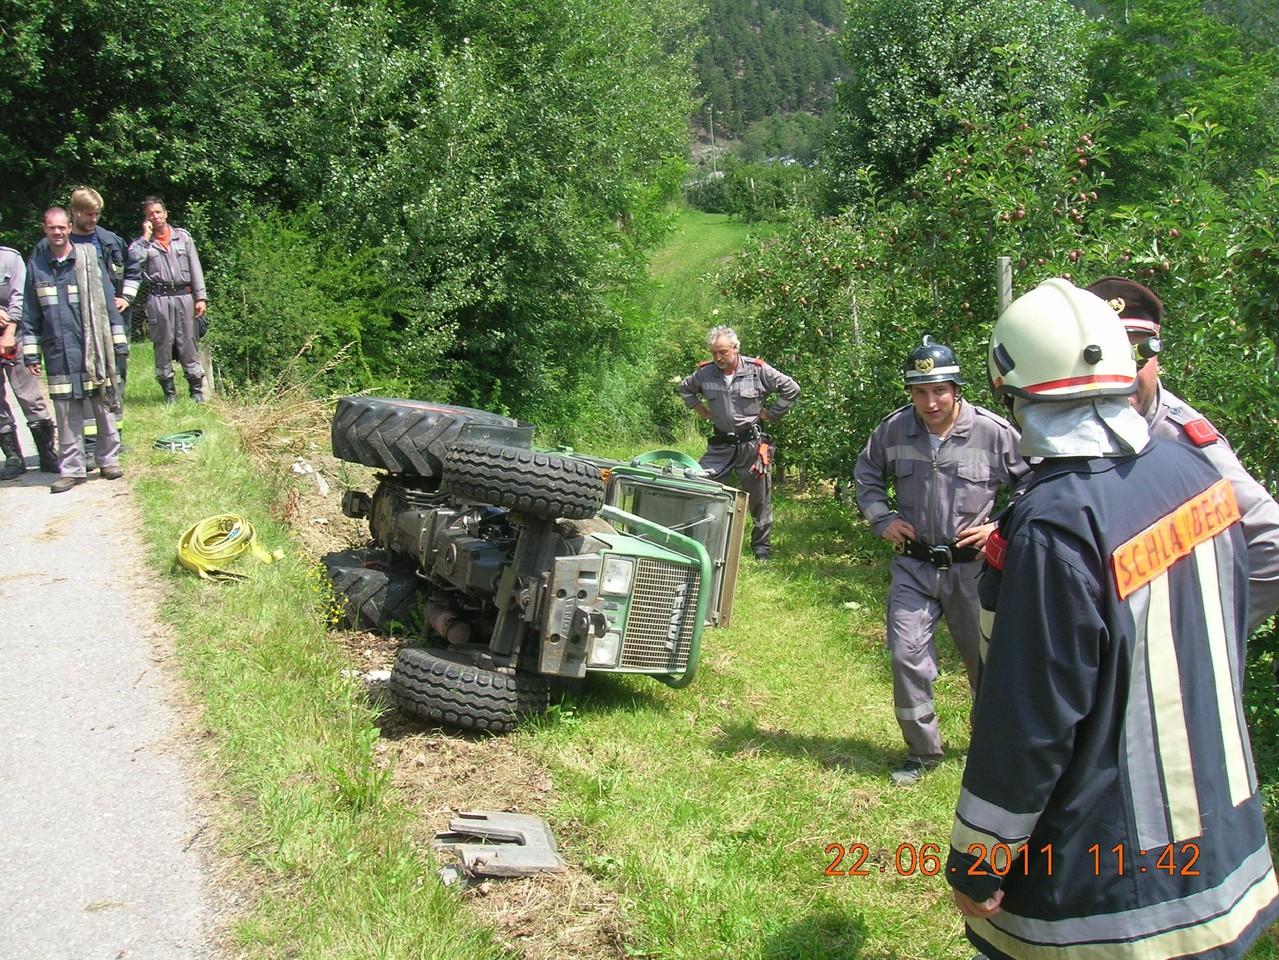 Traktorunfall in Kortsch